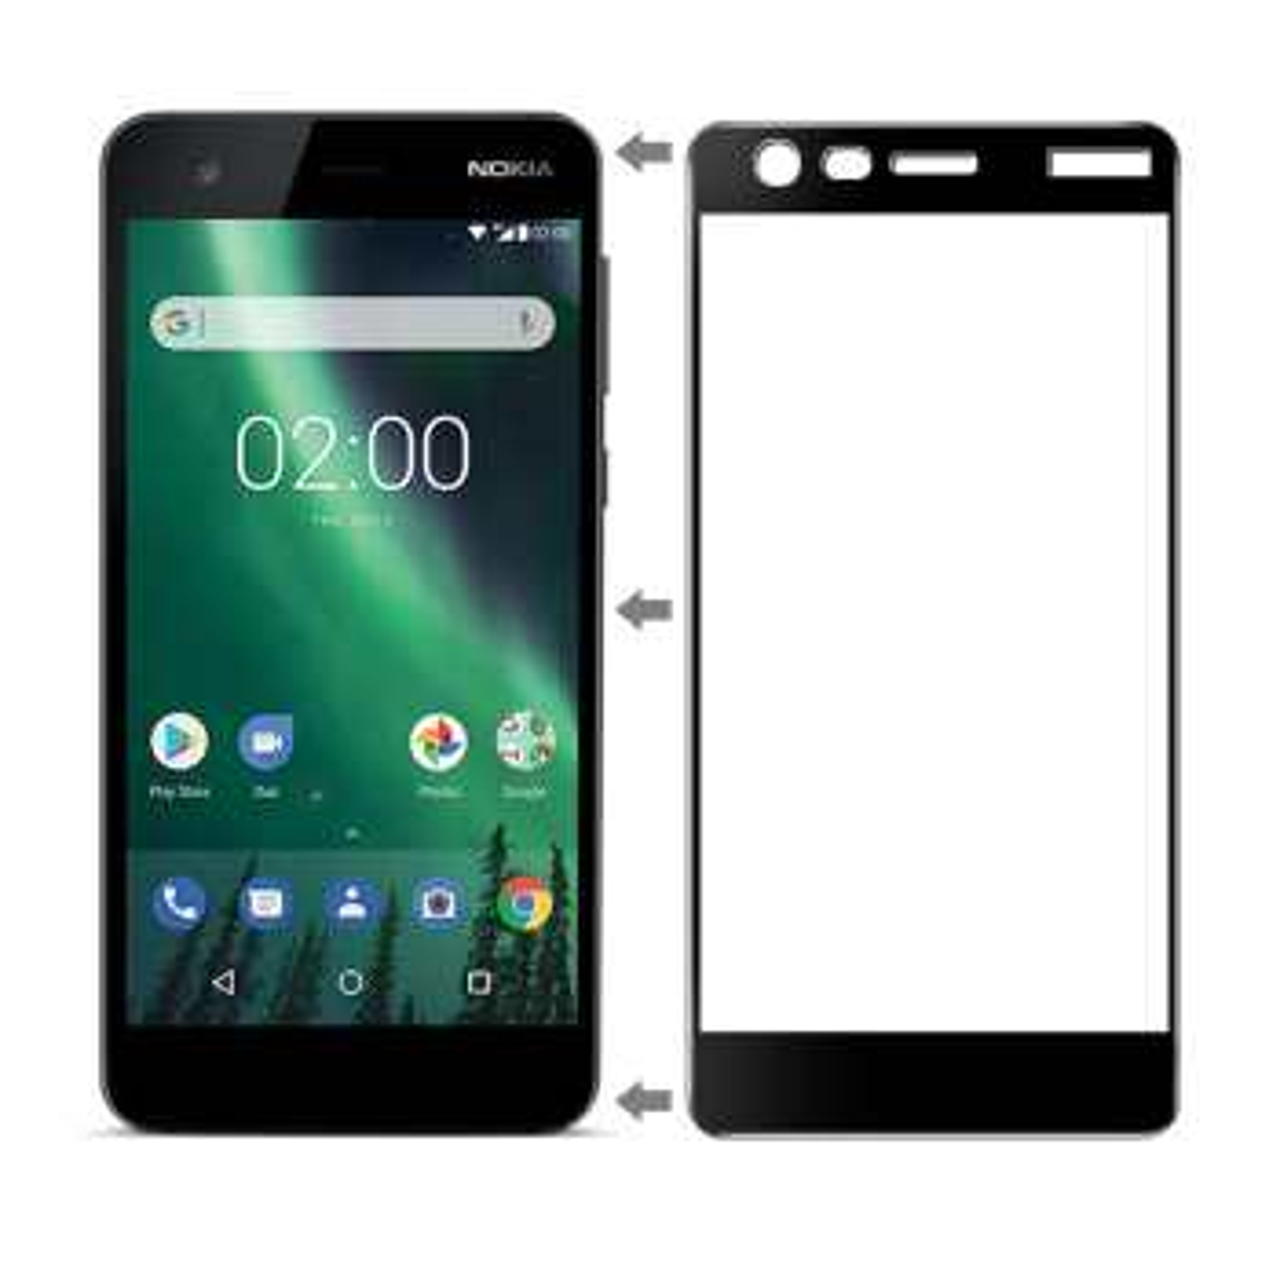 محافظ صفحه نمایش شیشه ای تمپرد مدل Full Cover مناسب برای گوشی موبایل نوکیا 2